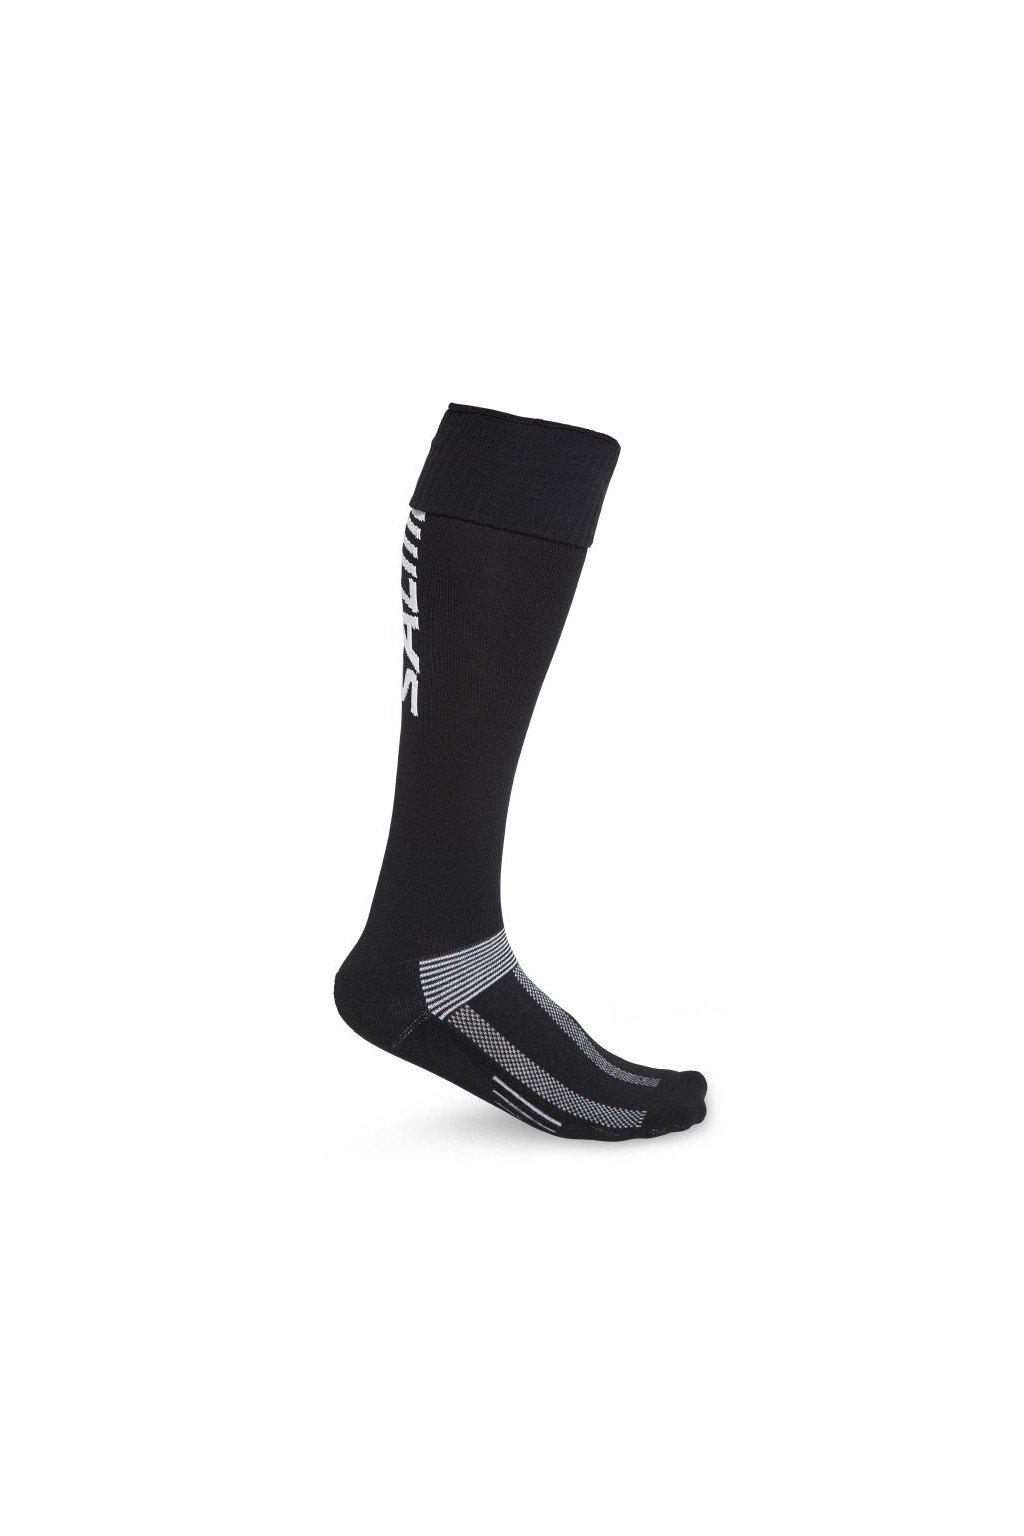 SALMING Coolfeel Team Sock Long Black